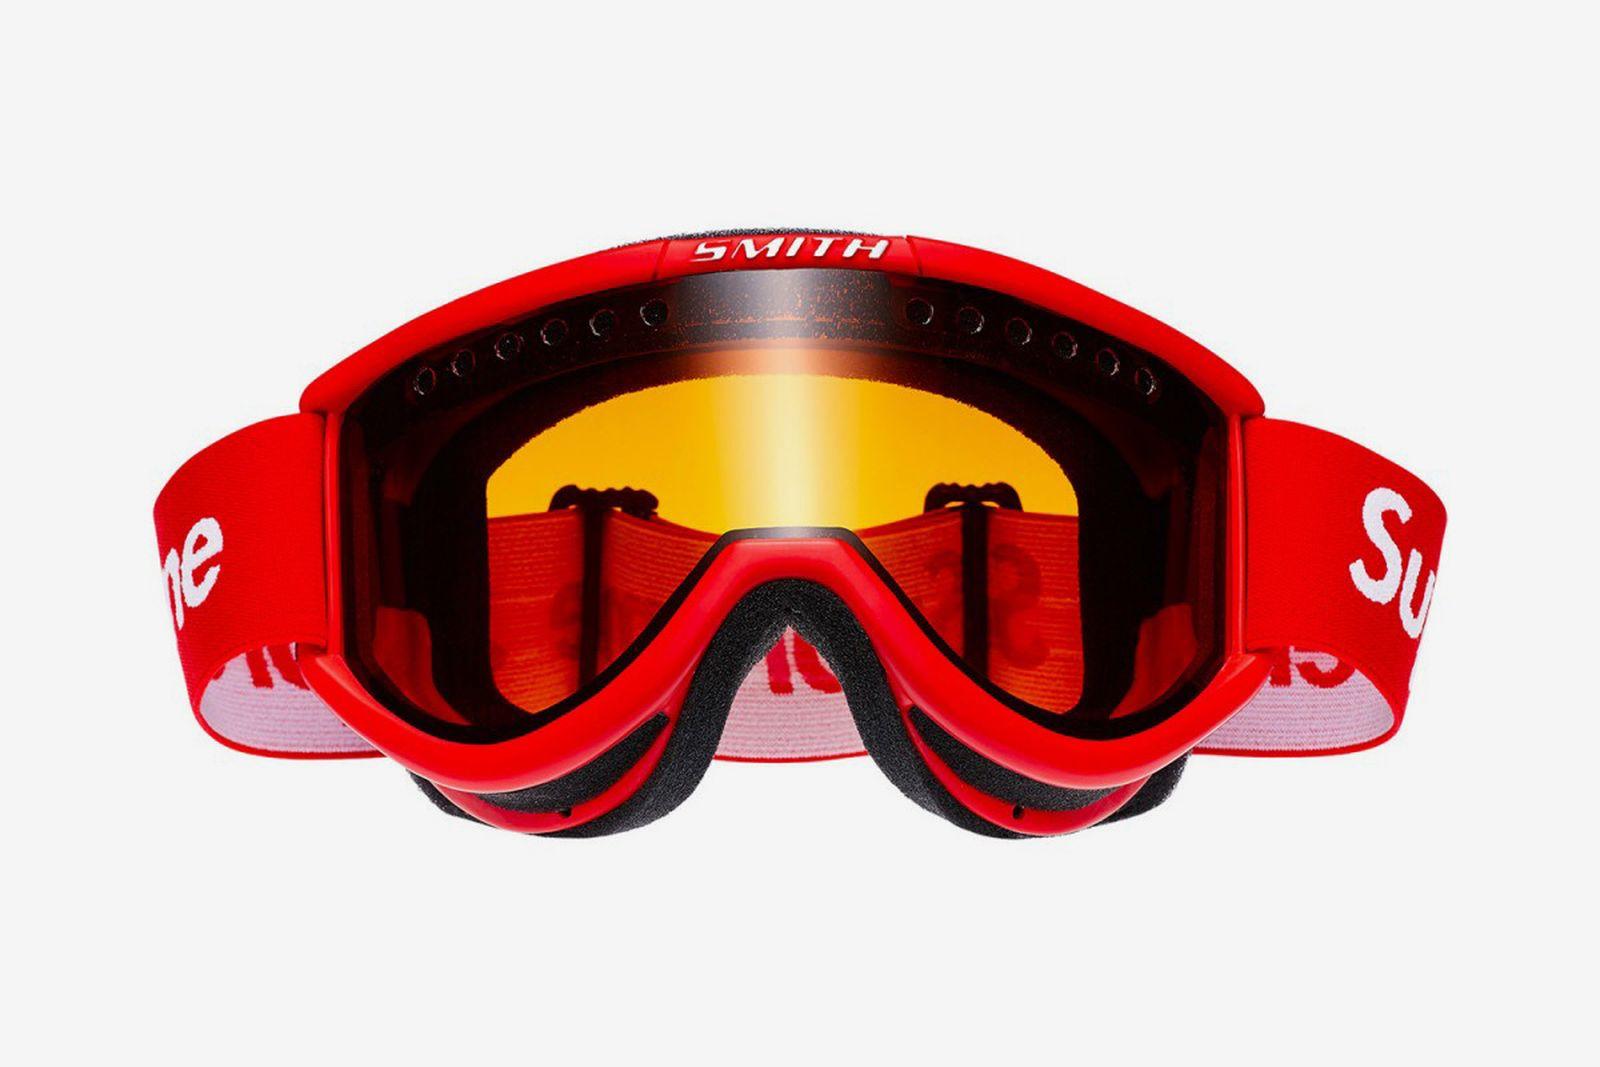 supreme smith optics ski goggles 1 1200x800 The North Face